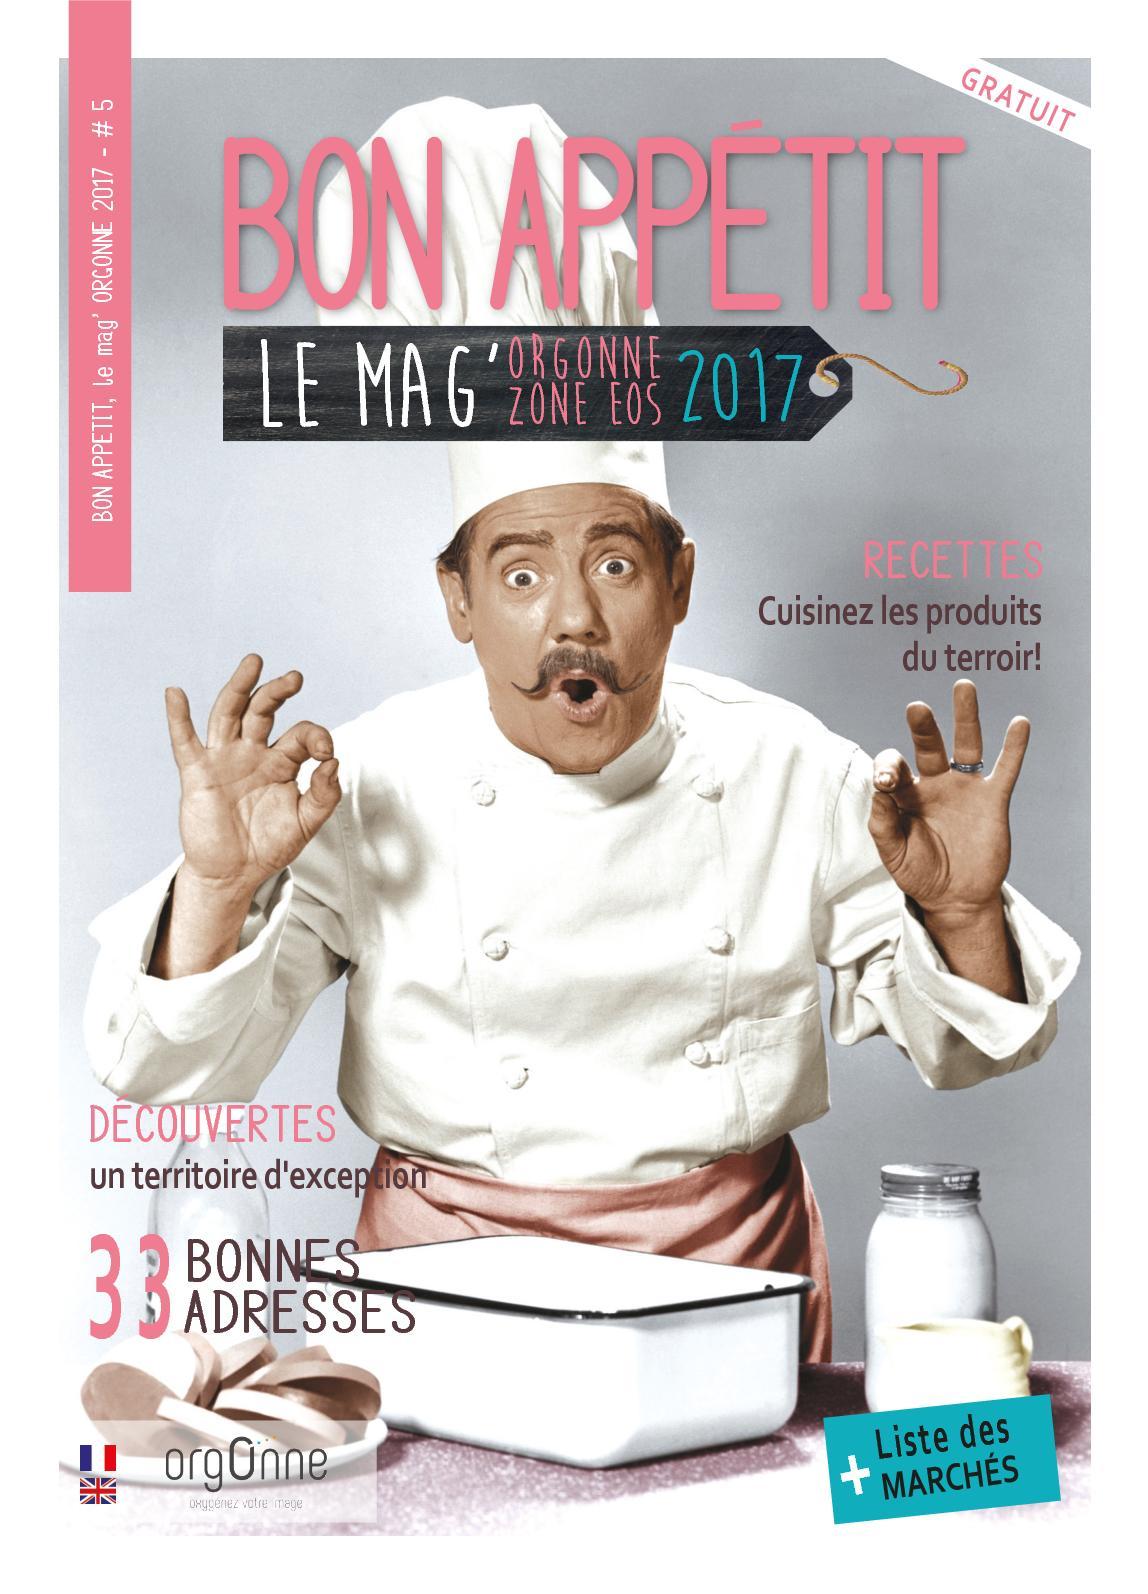 Le Mag' Restau 2017 Laetitia Vitaux